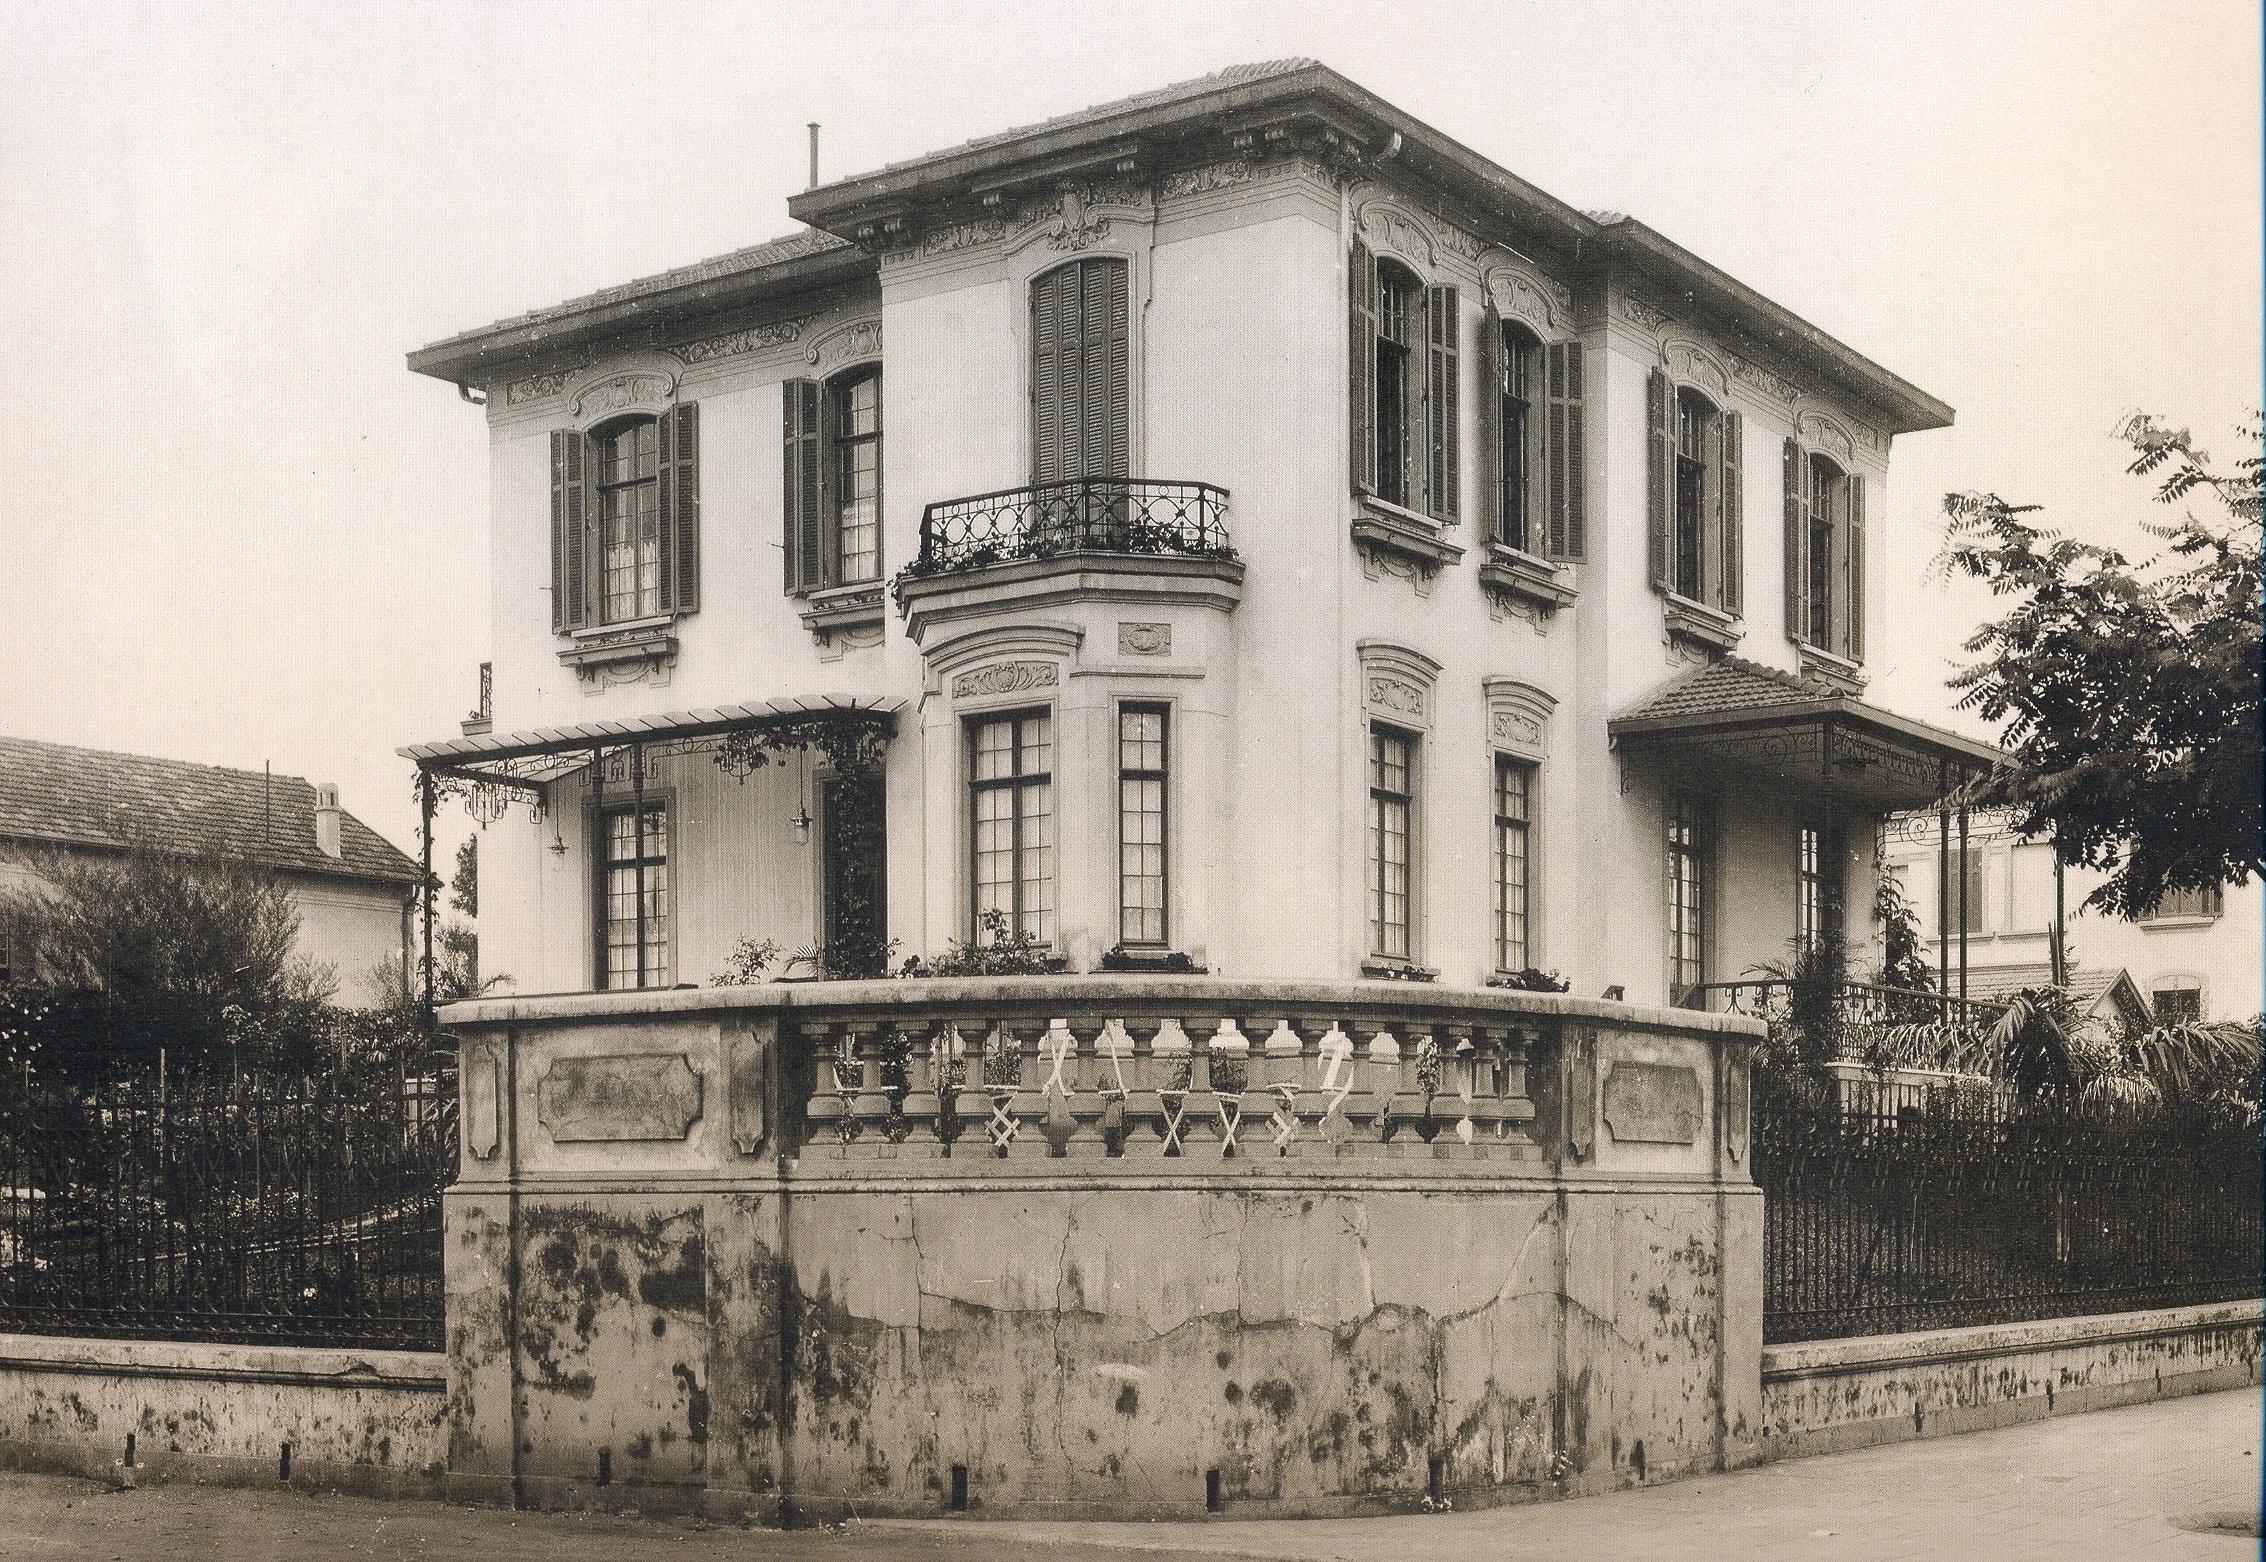 paulista ramos de azevedo21 - Série Avenida Paulista: da mansão de Cardoso de Almeida ao prédio do Banco PanAmeriano do Grupo Silvio Santos.